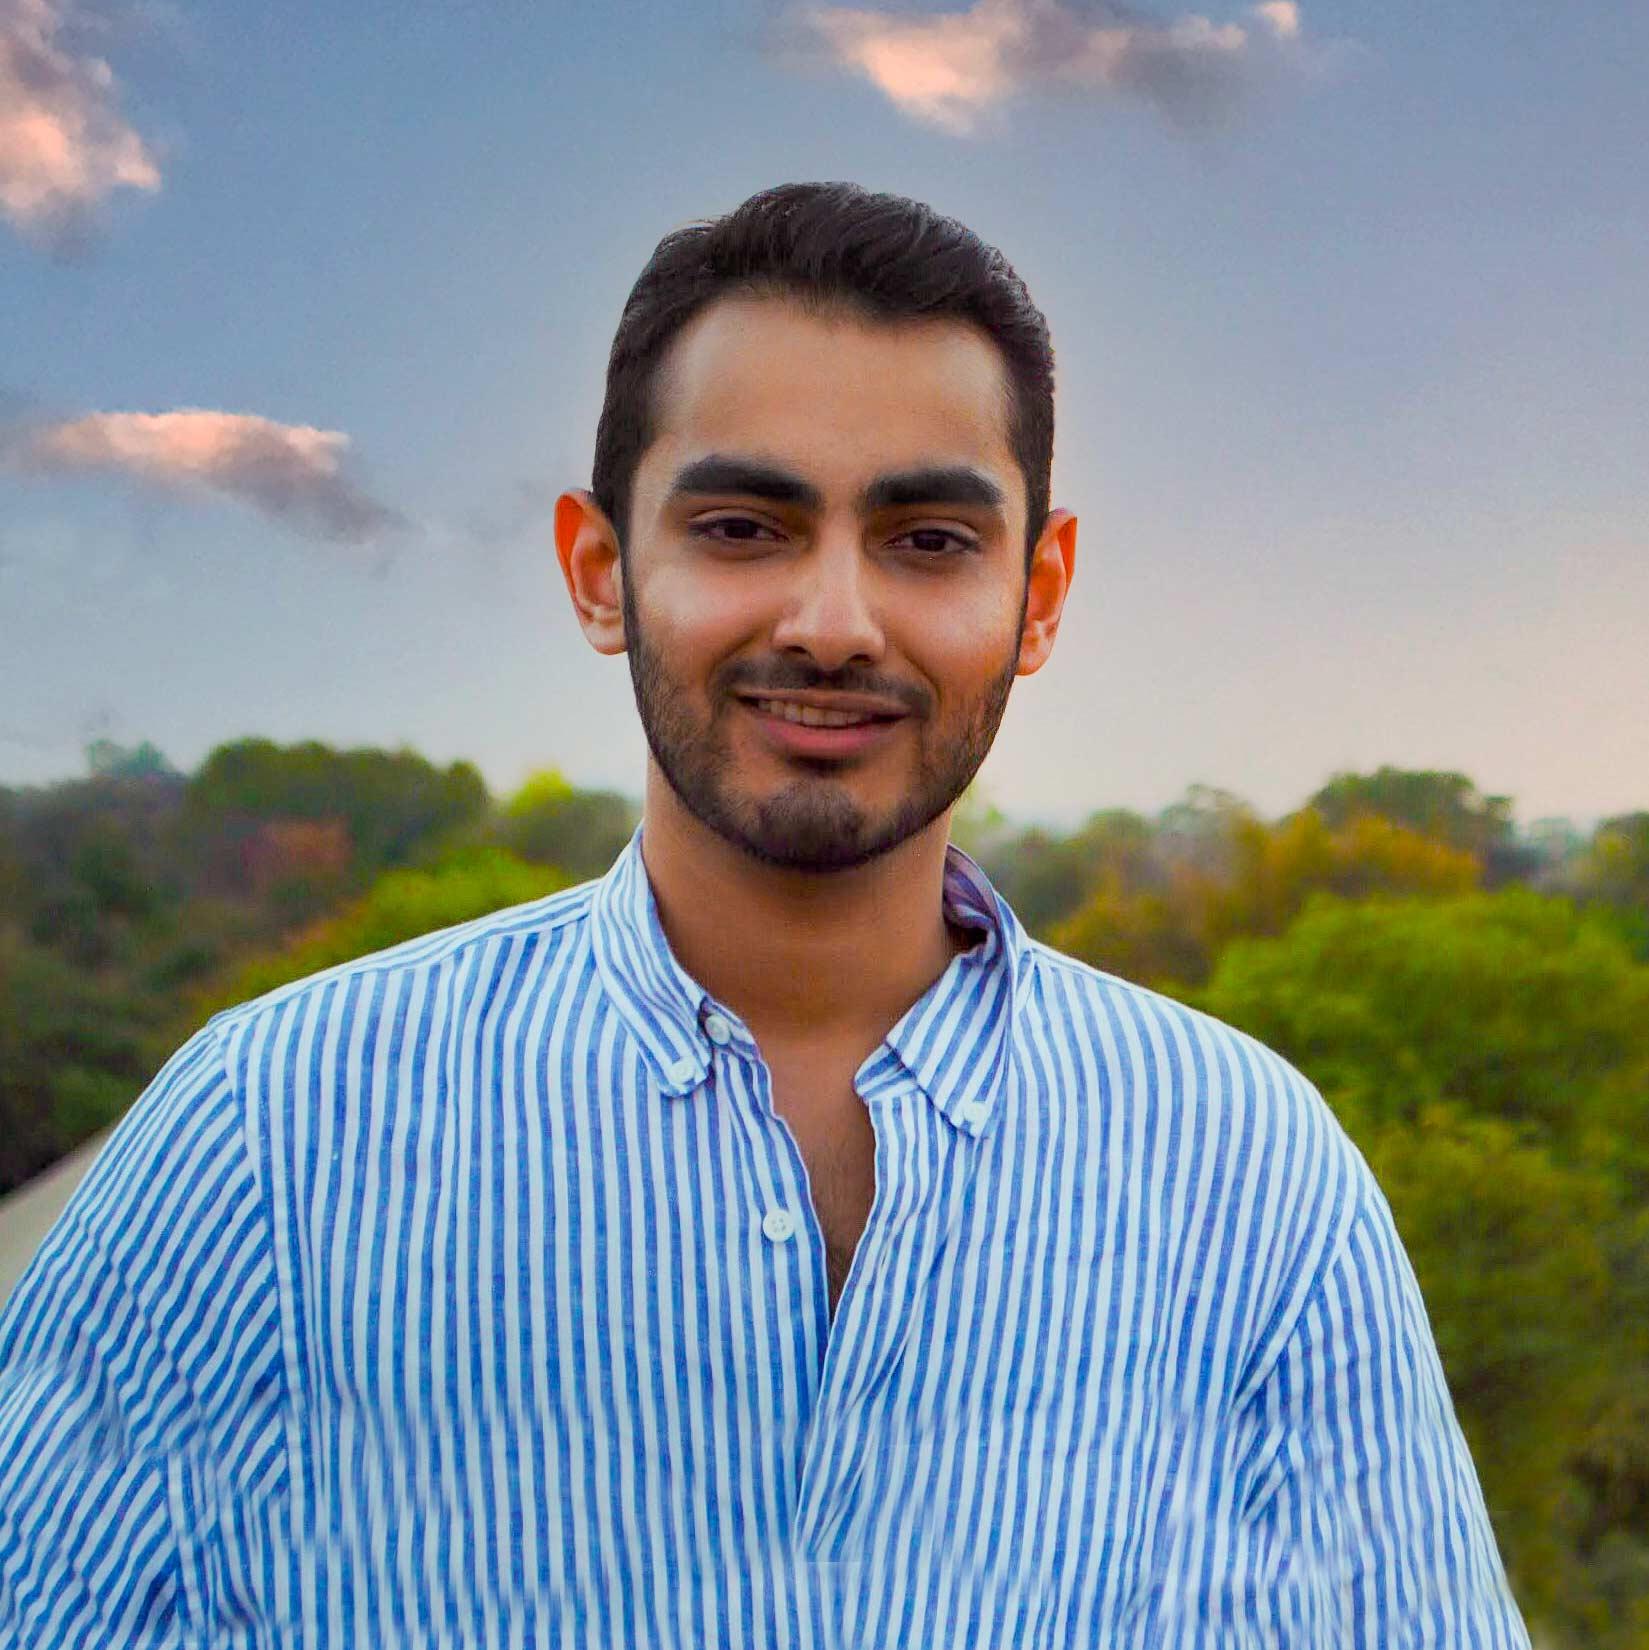 Shivang Tayal poses outdoors. Image: Courtesy of Shivang Tayal